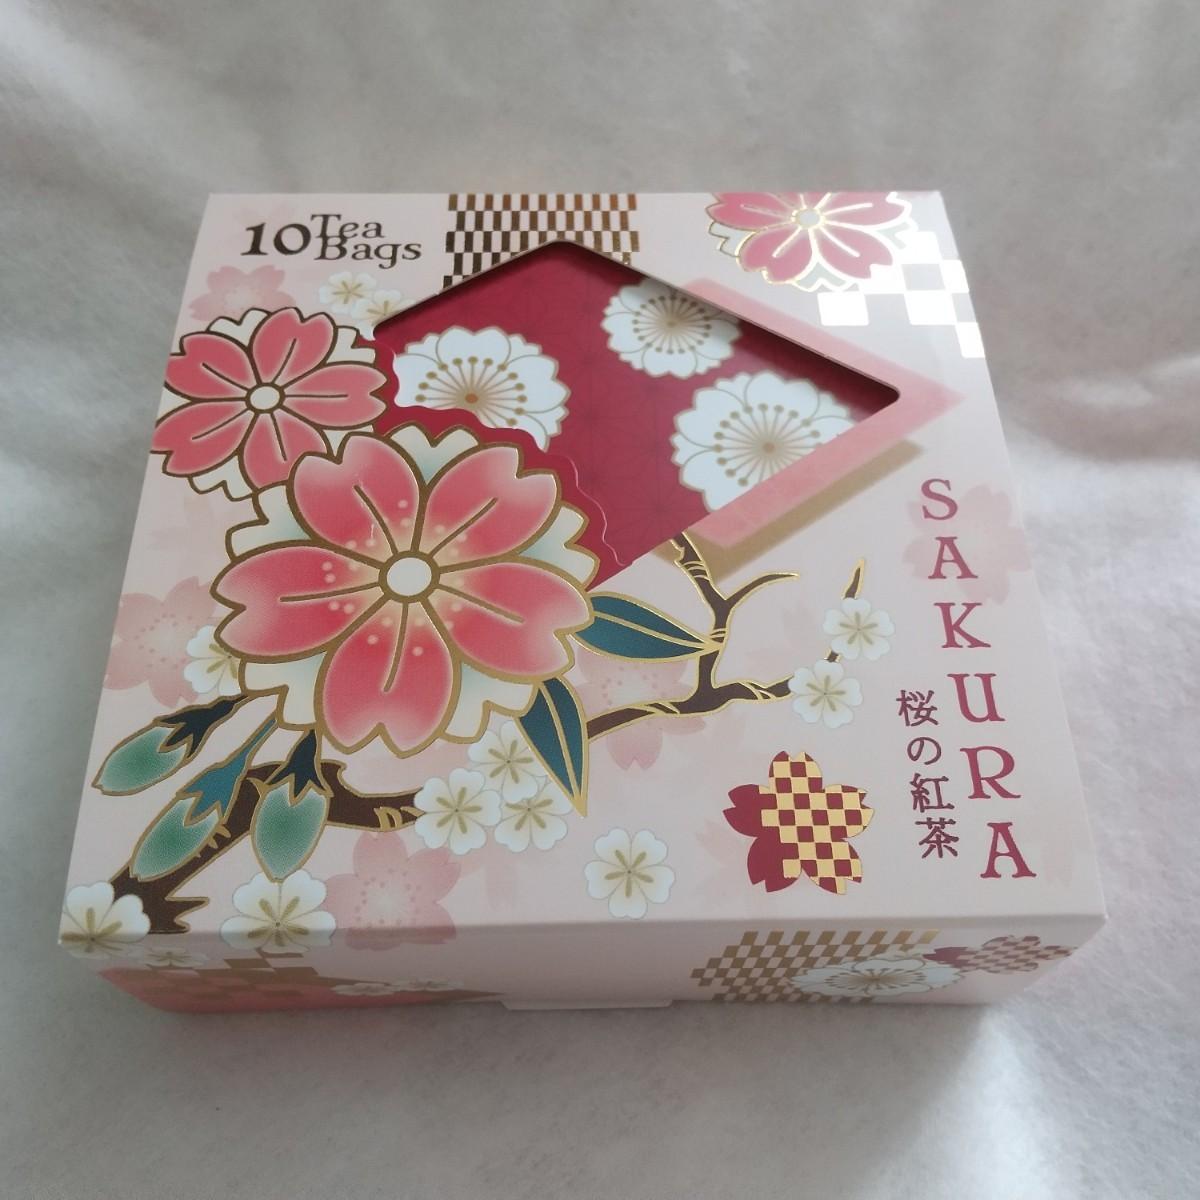 ルピシア 桜の紅茶、サクラ&ベリー 2箱セット